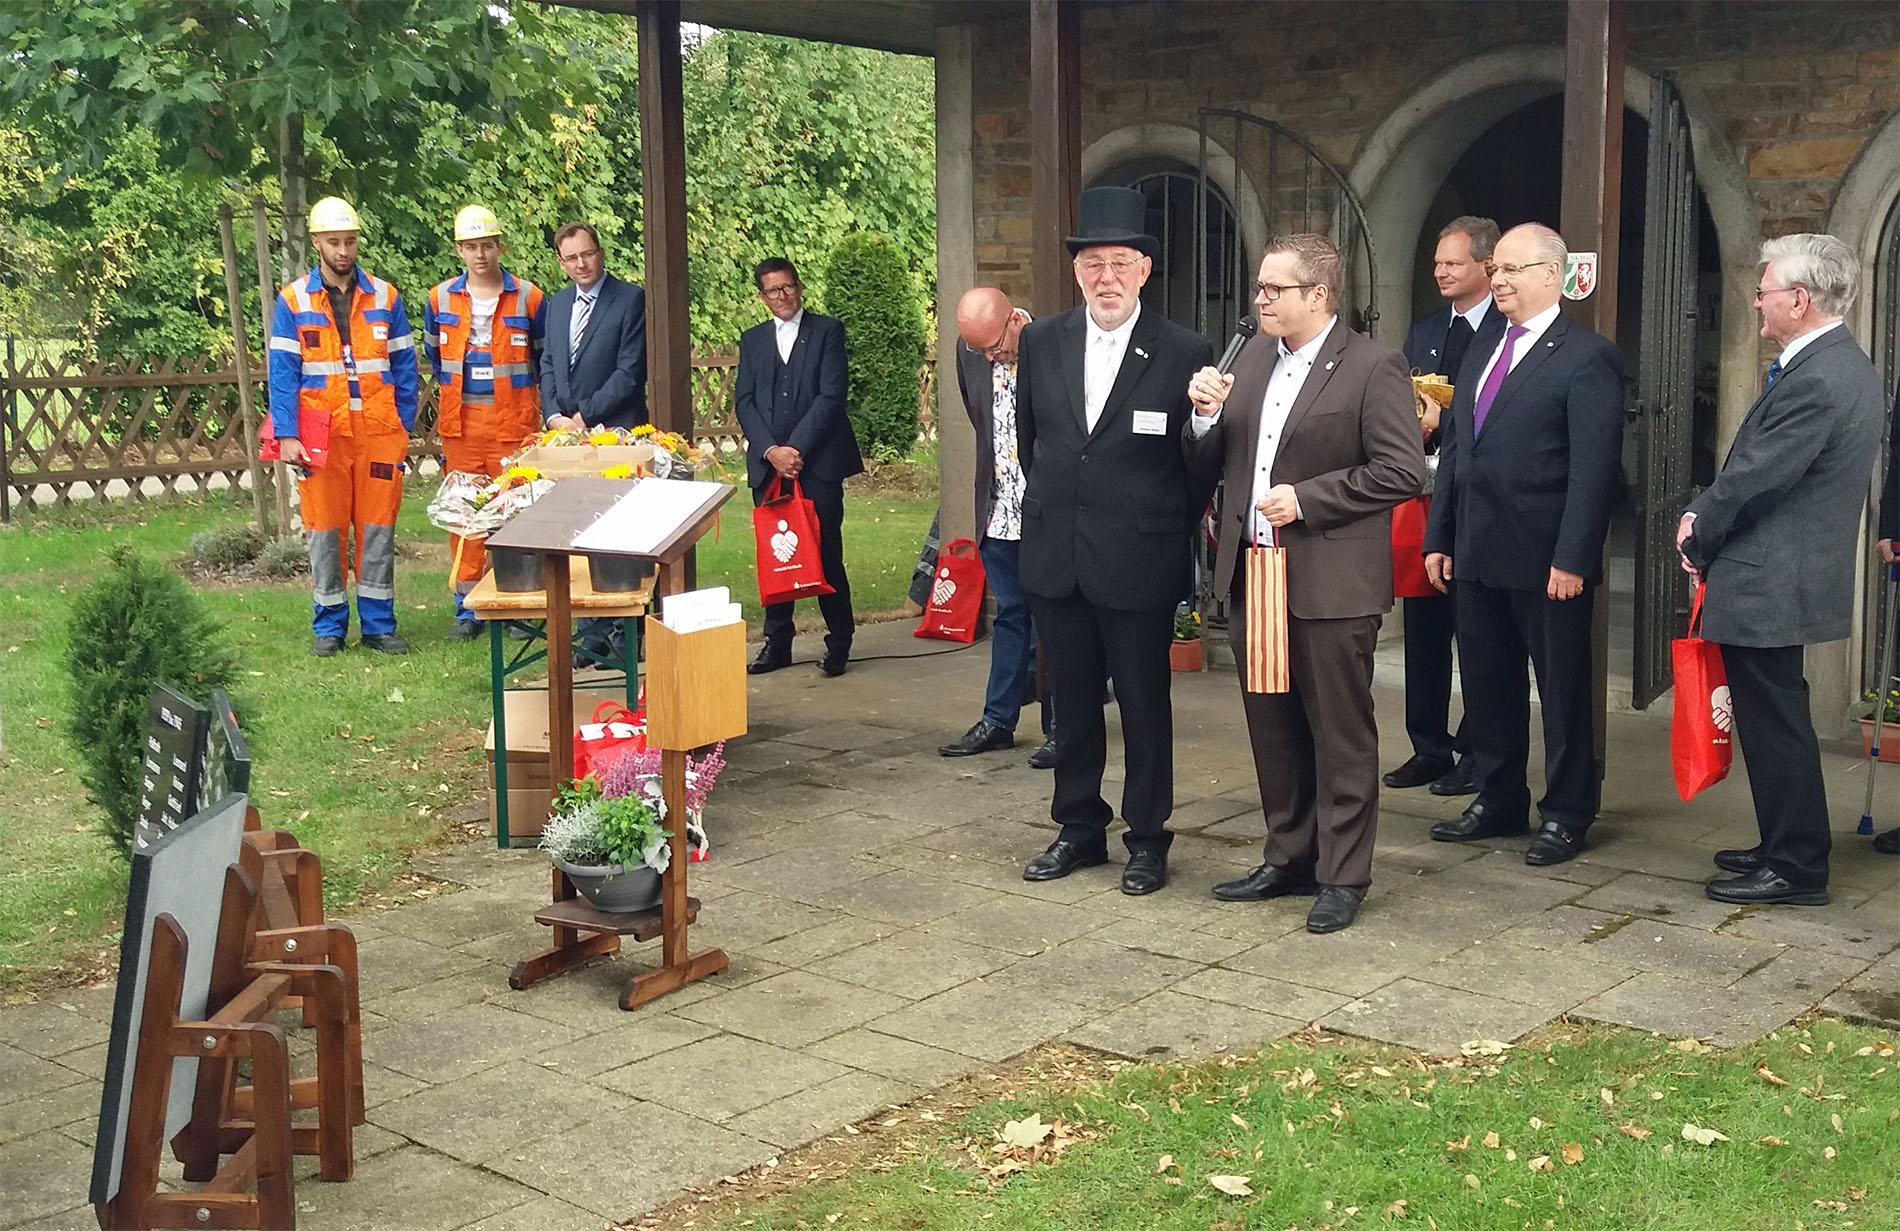 Der erste Bürger der Stadt, Sascha Solbach (rechts am Mikrofon), enthüllte u. a. gemeinsam mit dem Metallkünstler Willibert Düster (Mitte) aus Bedburg-Kaster eine Gedanktafel zur Umsiedlung ein.